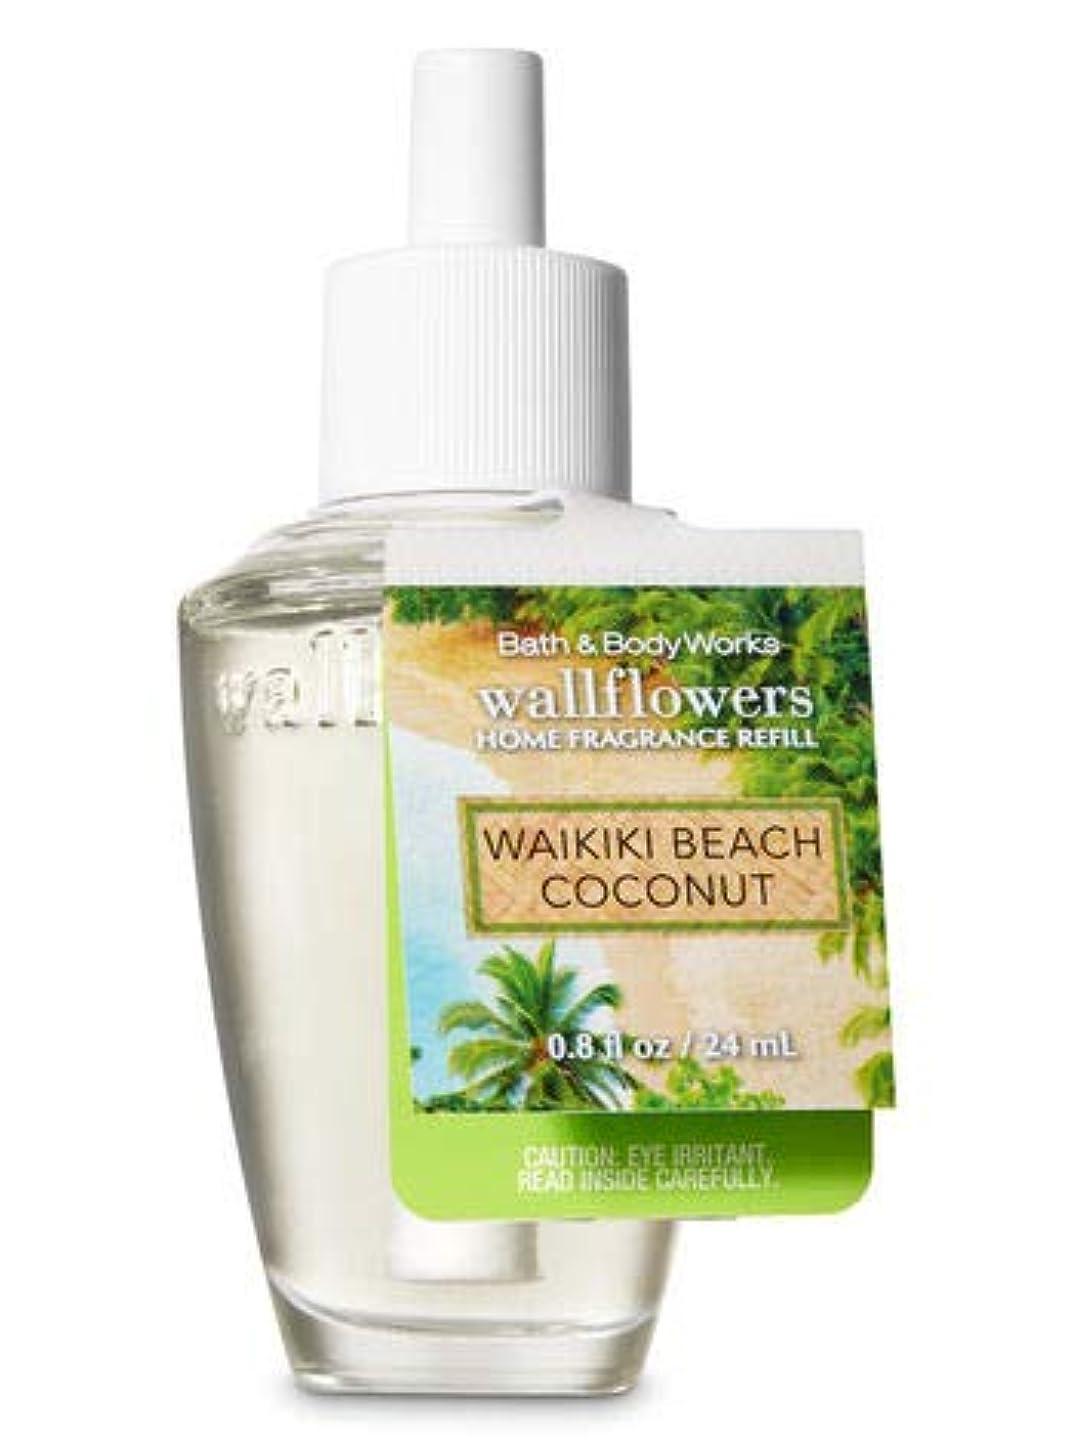 地震息苦しい通り【Bath&Body Works/バス&ボディワークス】 ルームフレグランス 詰替えリフィル ワイキキビーチココナッツ Wallflowers Home Fragrance Refill Waikiki Beach Coconut [並行輸入品]